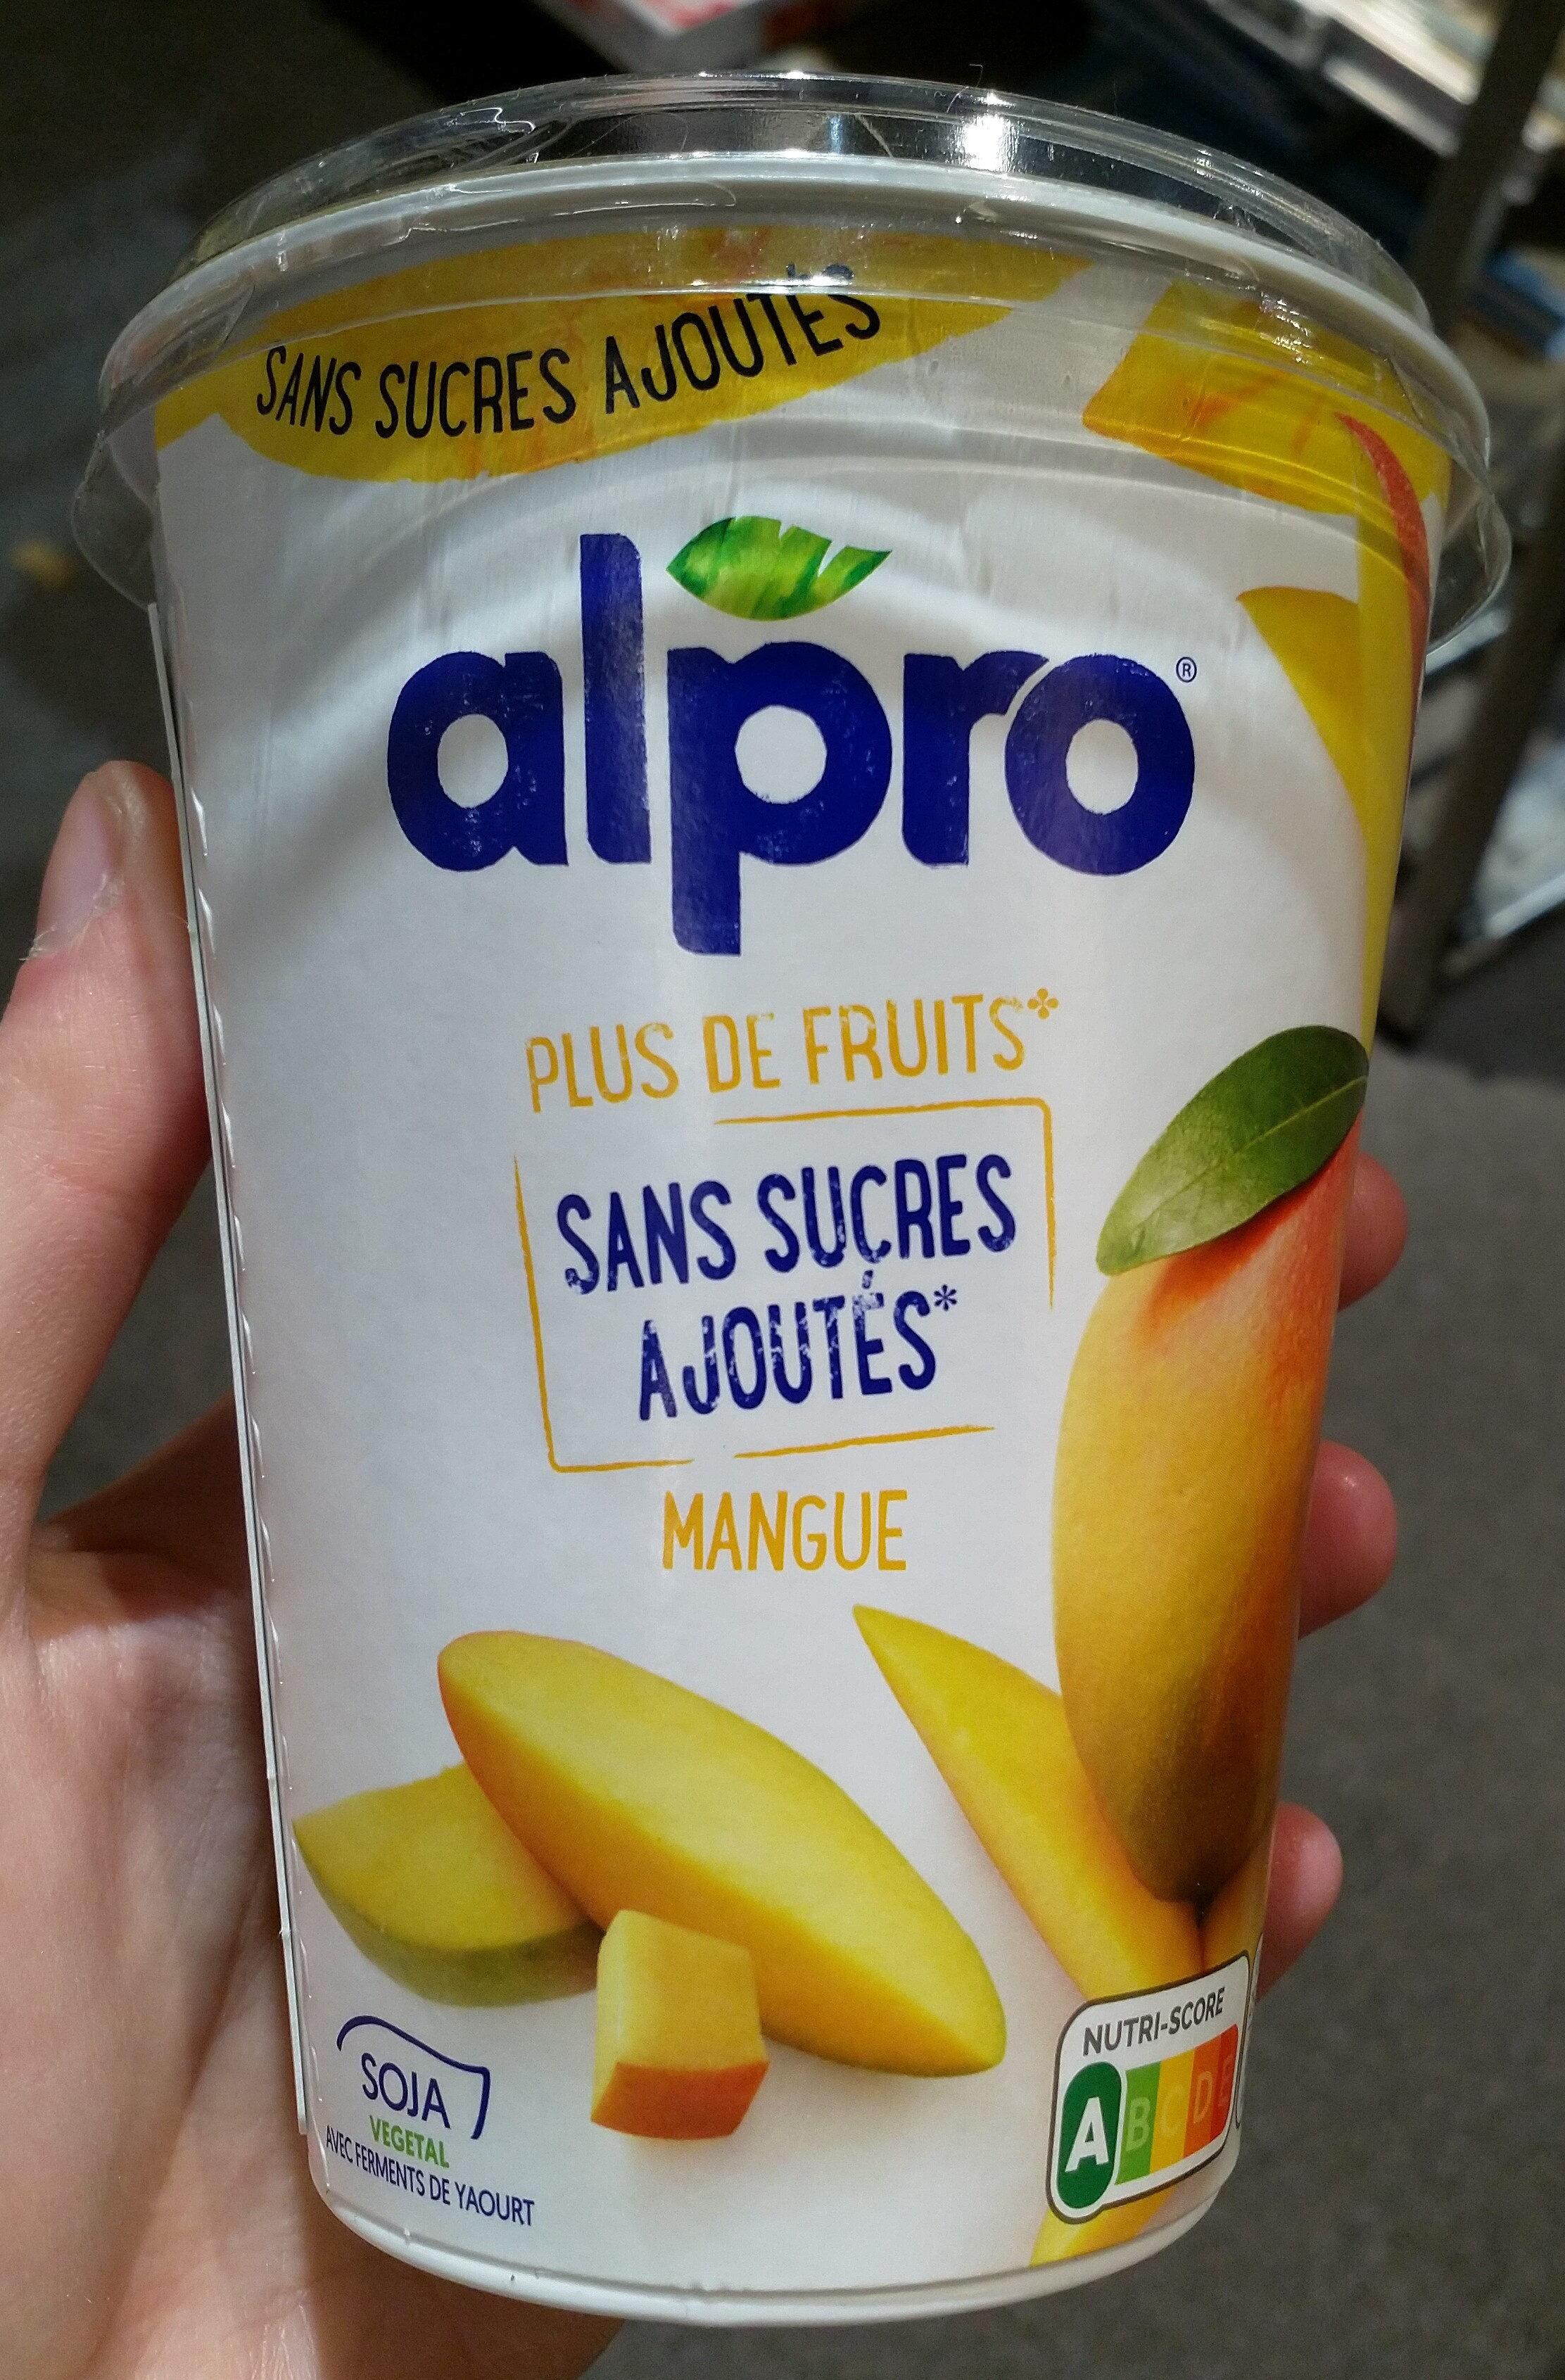 Más fruta - mango - Produit - fr